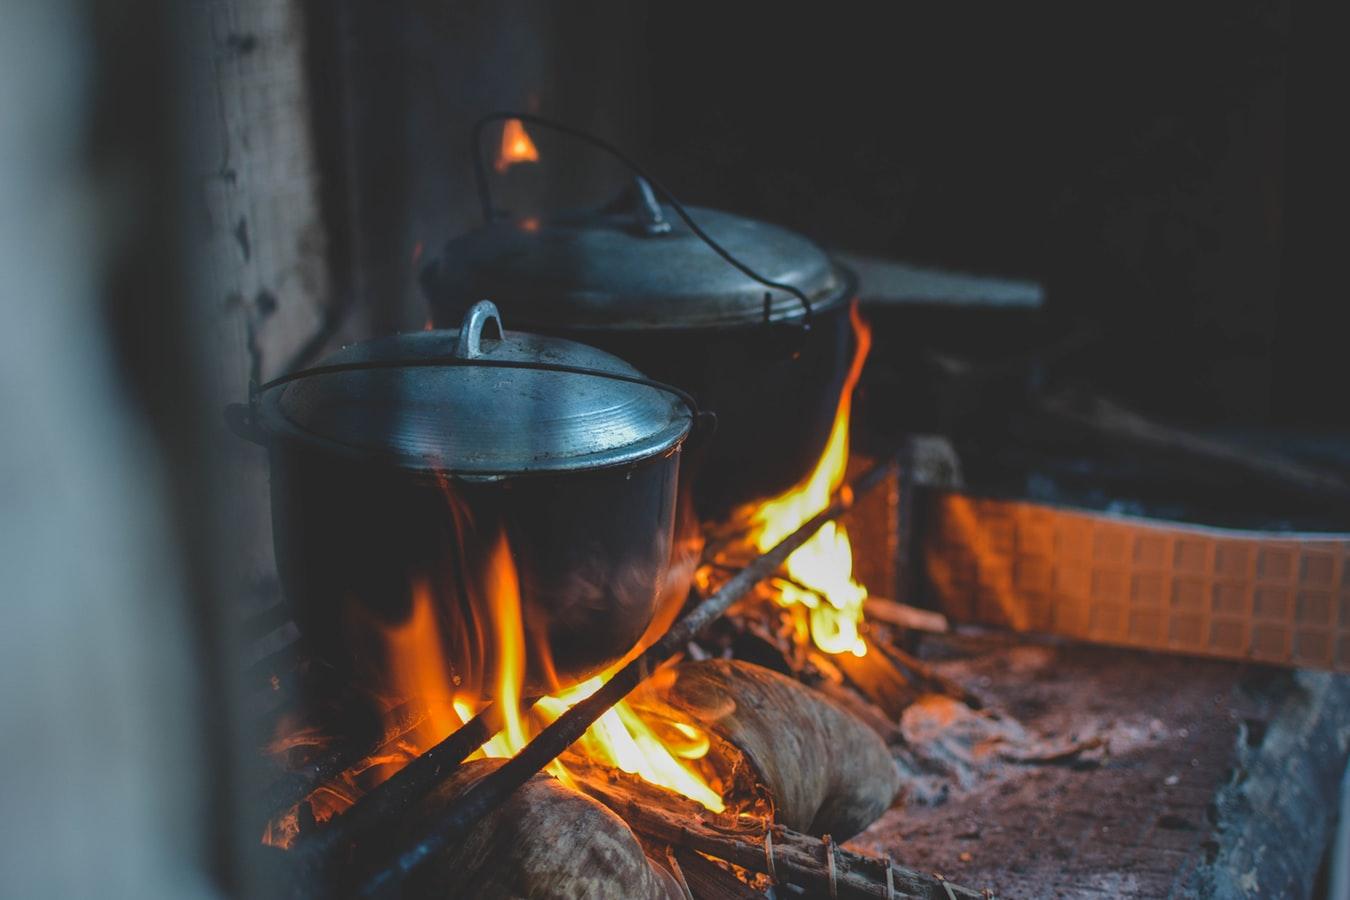 Comment nettoyer une casserole brûlée